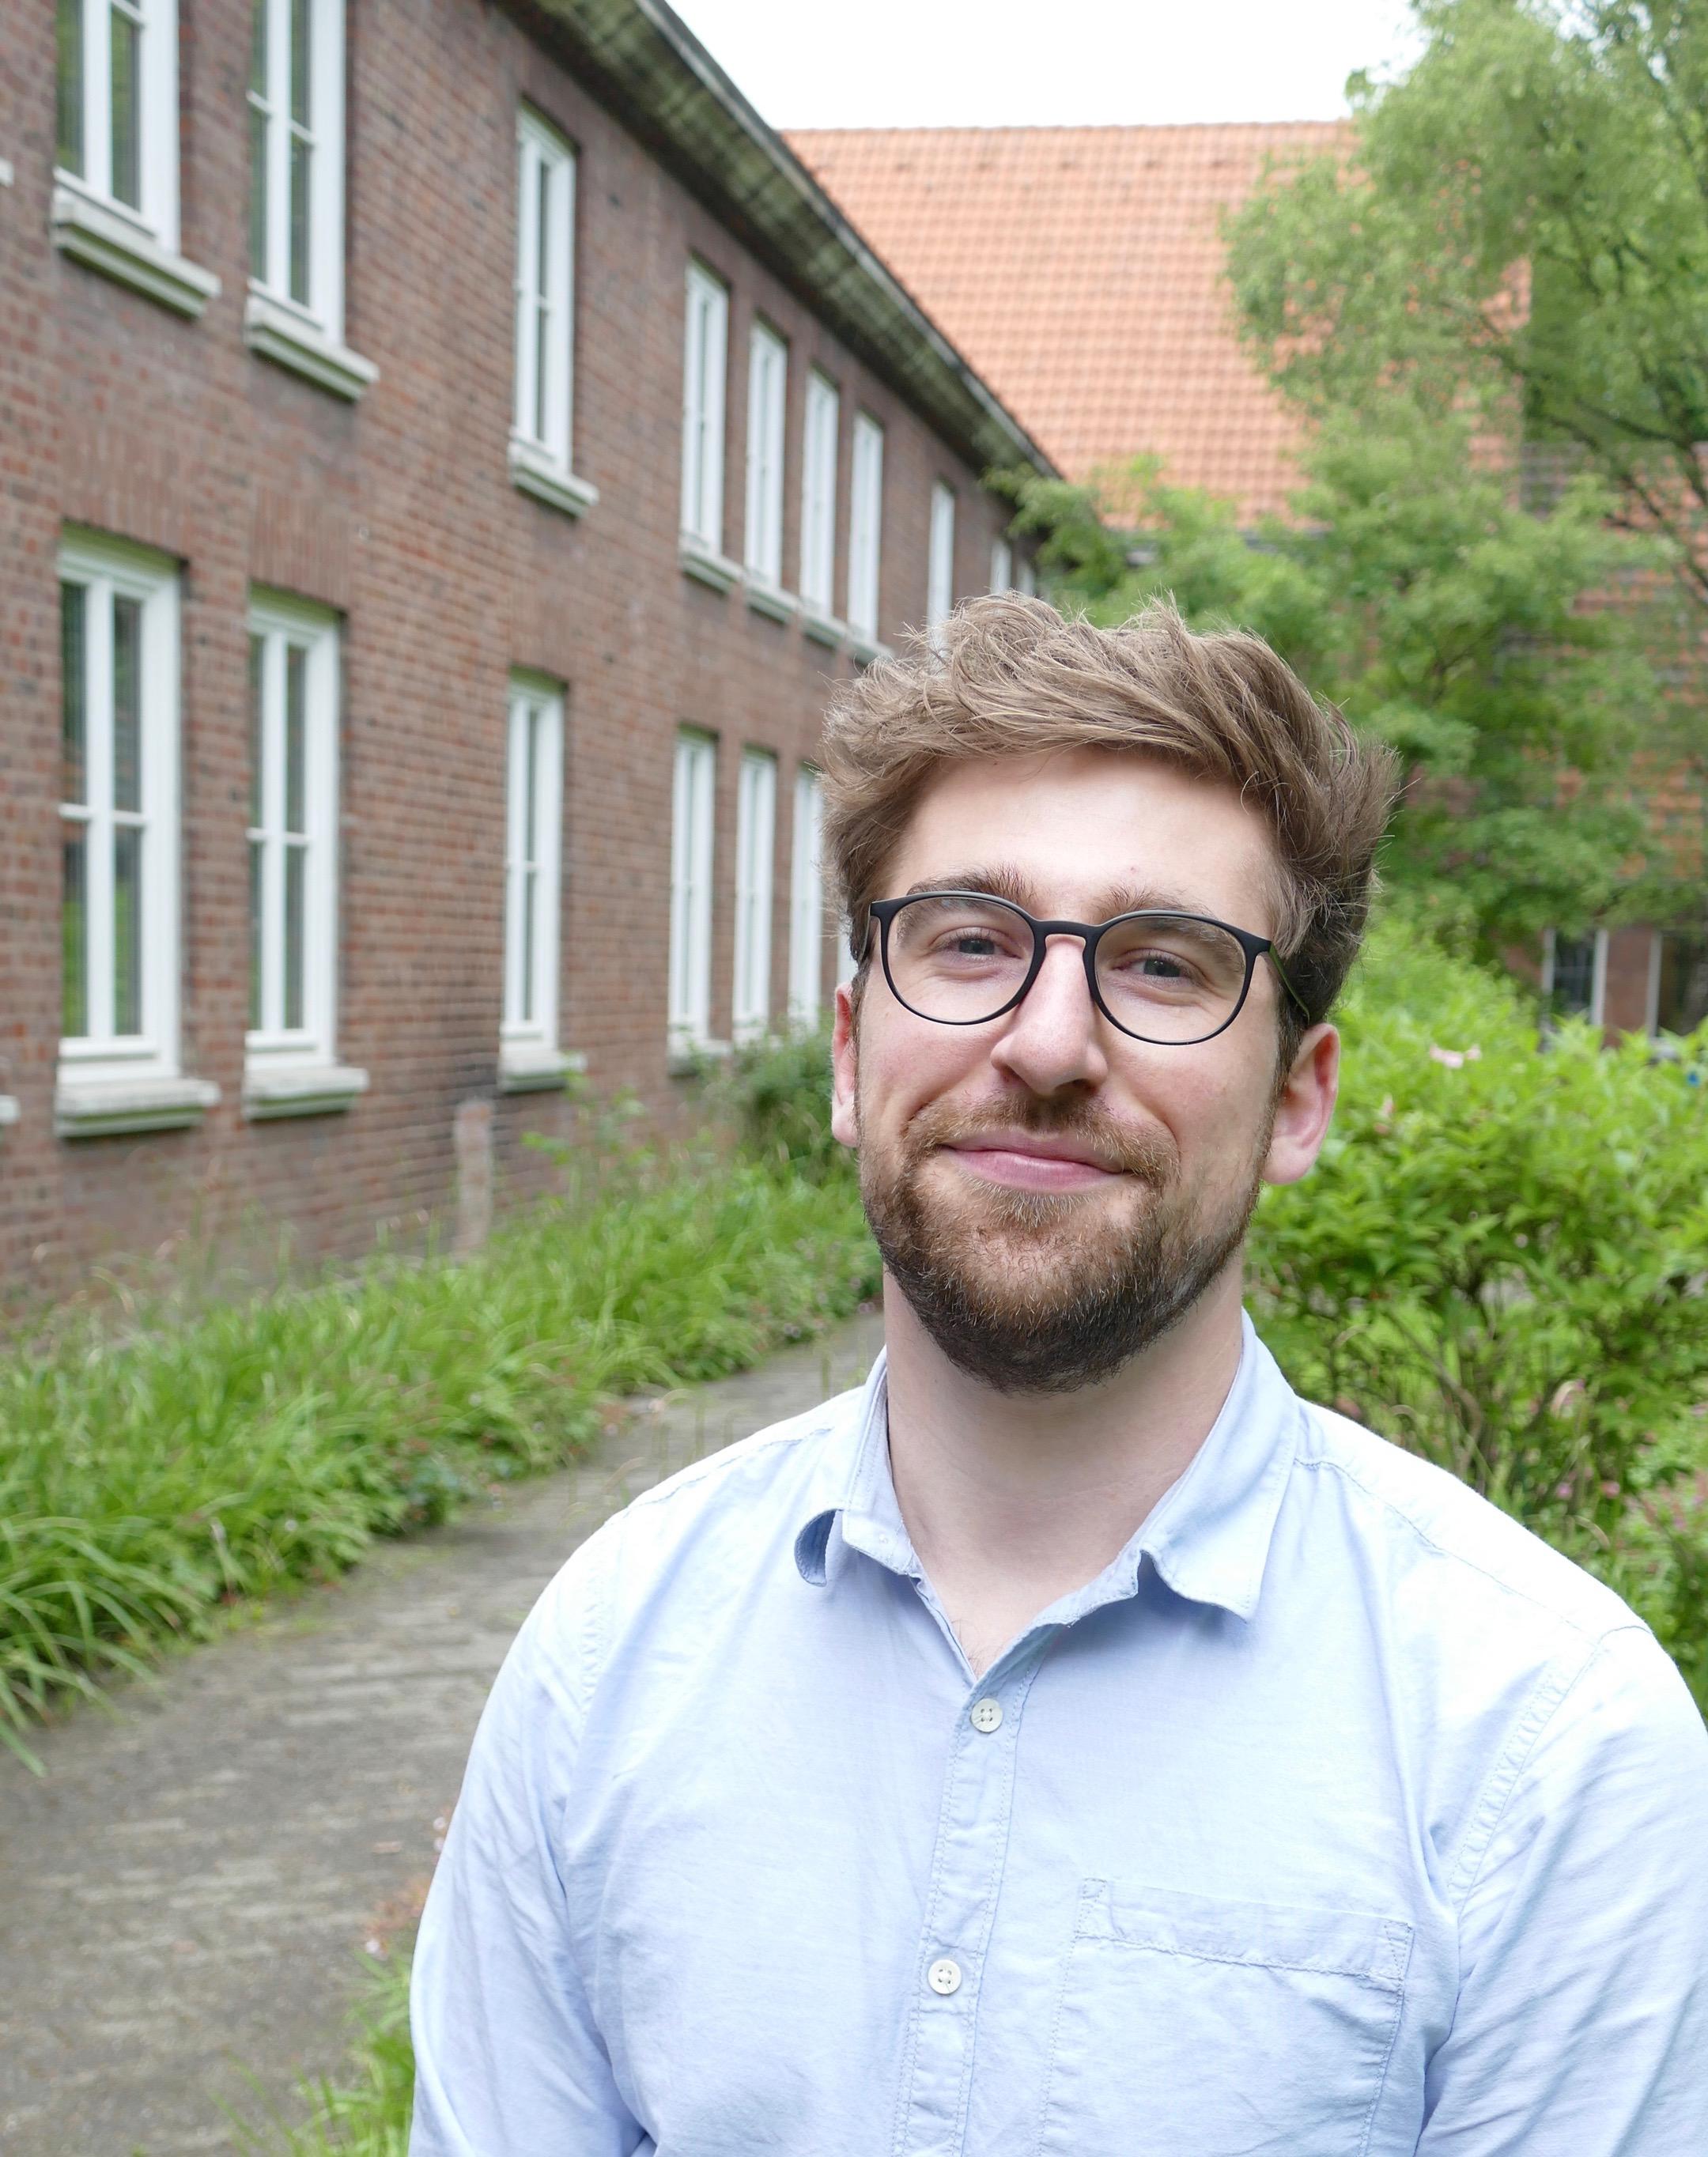 Tim Frehler